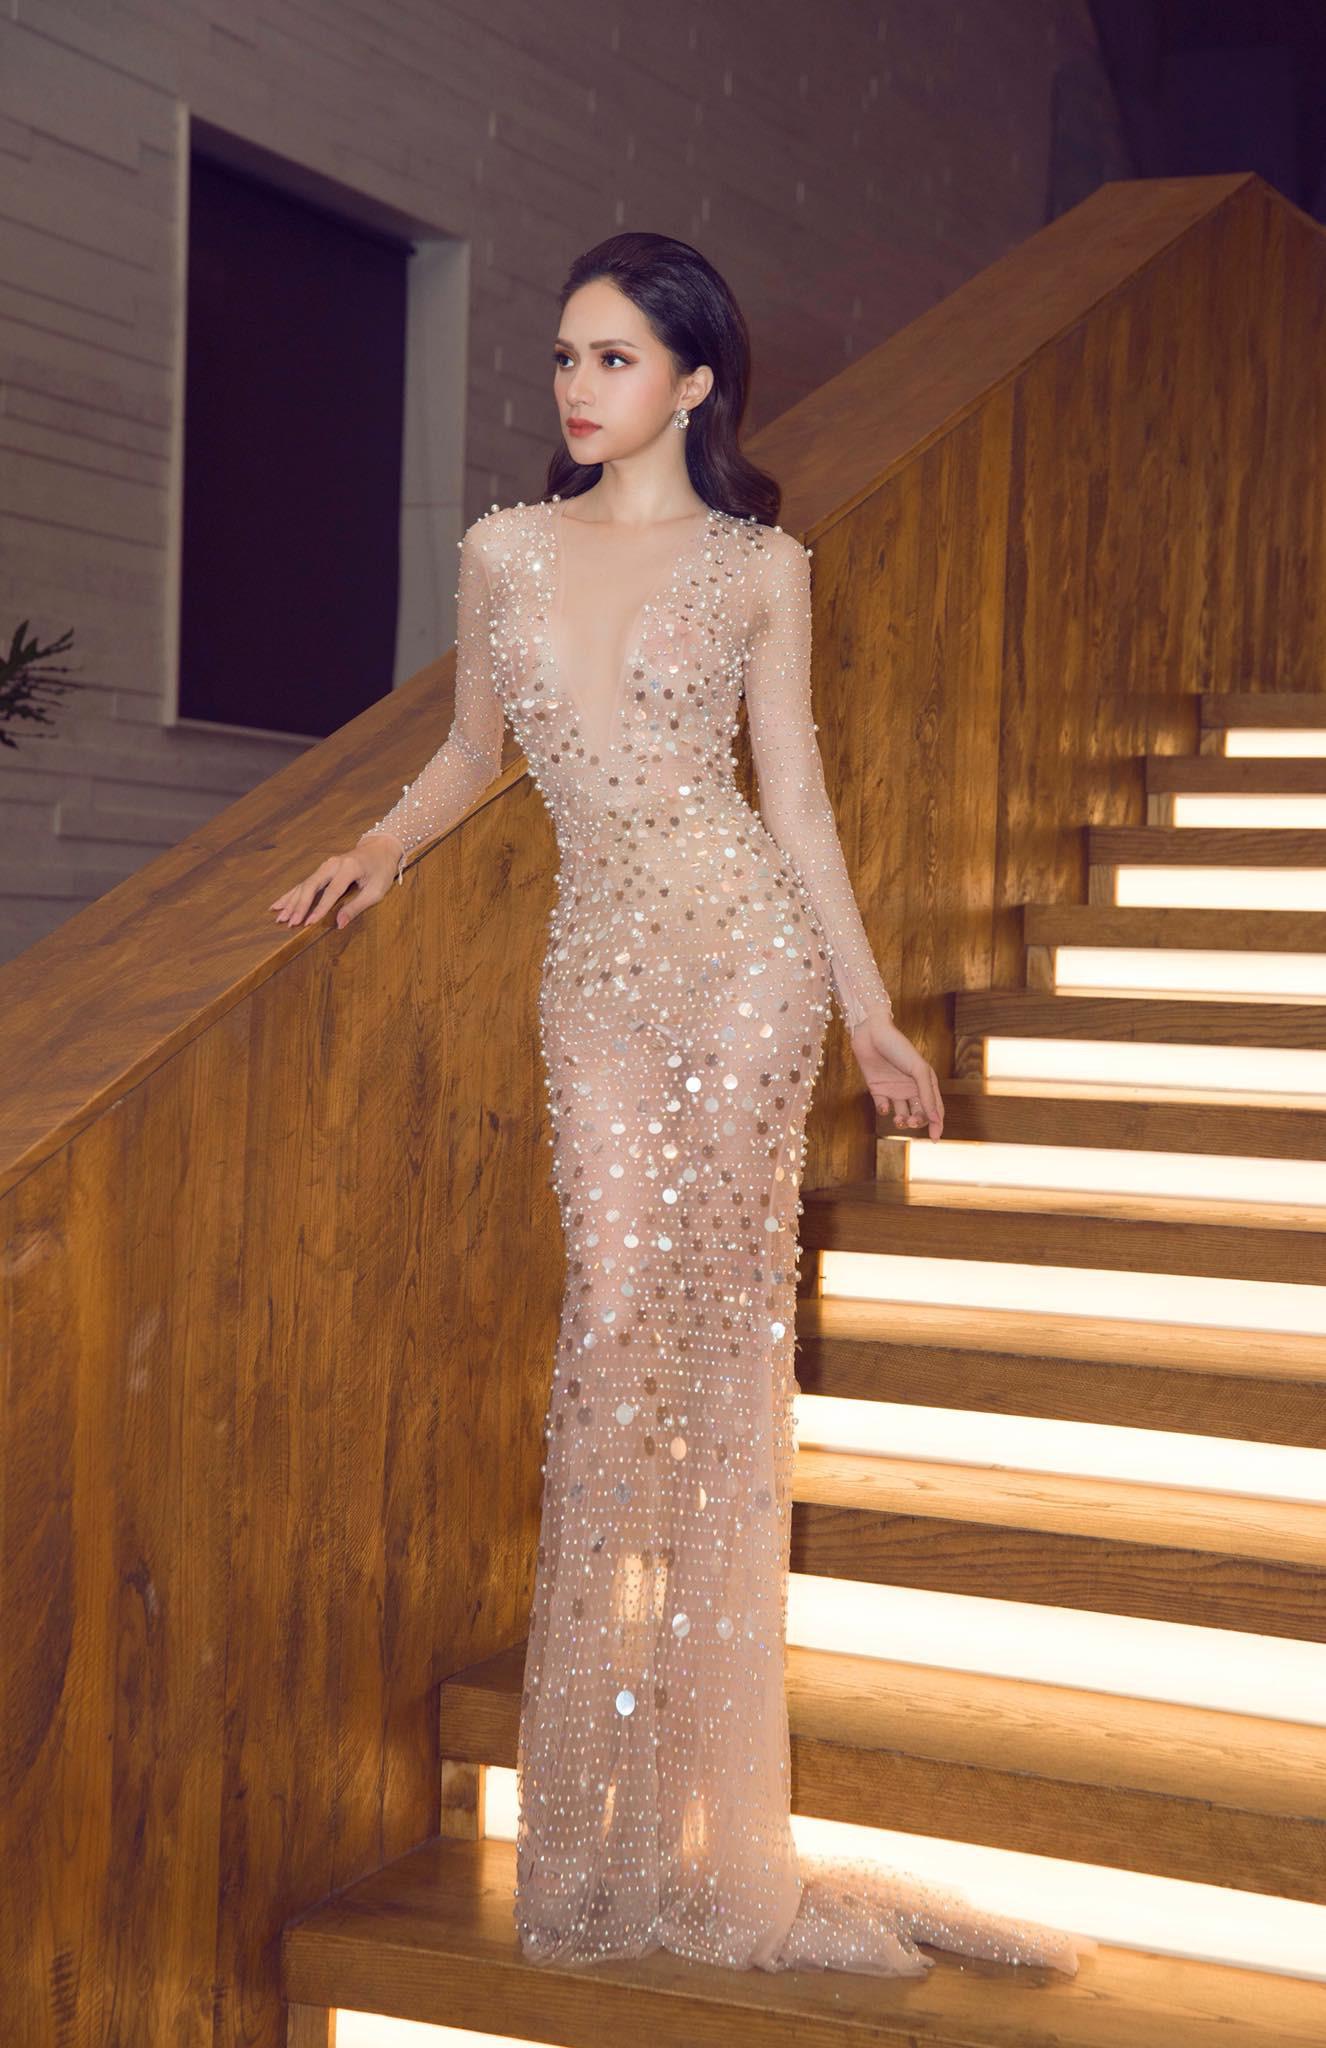 Những chiếc váy giúp Hoa hậu Hương Giang nâng tầm đẳng cấp  - Ảnh 10.